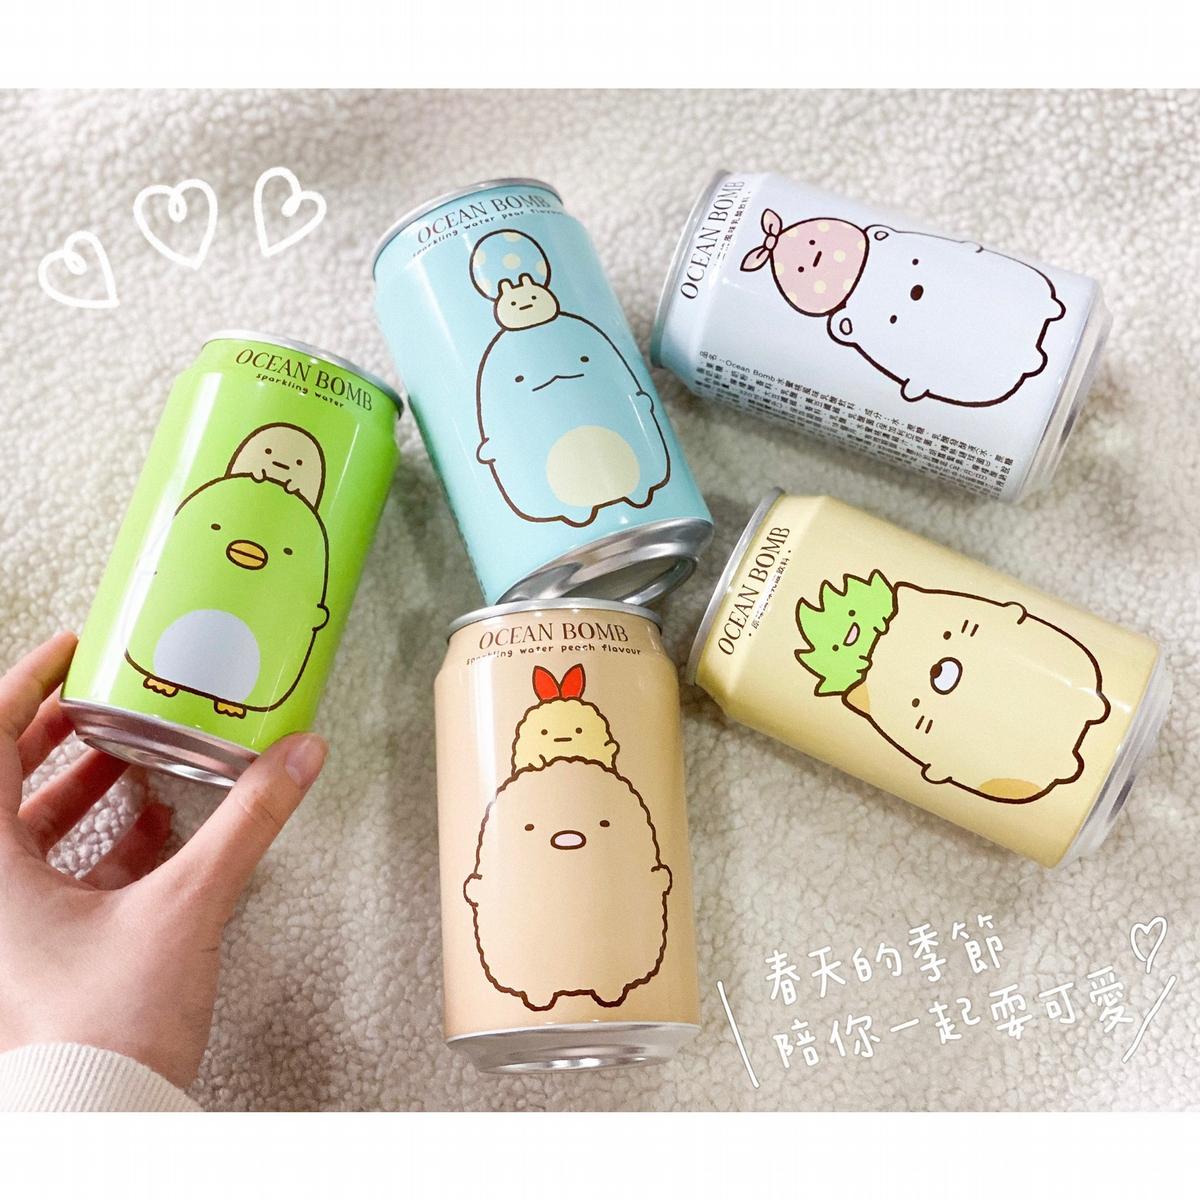 角落小夥伴可愛罐裝氣泡水 全新5款超萌包裝每款都好想要!